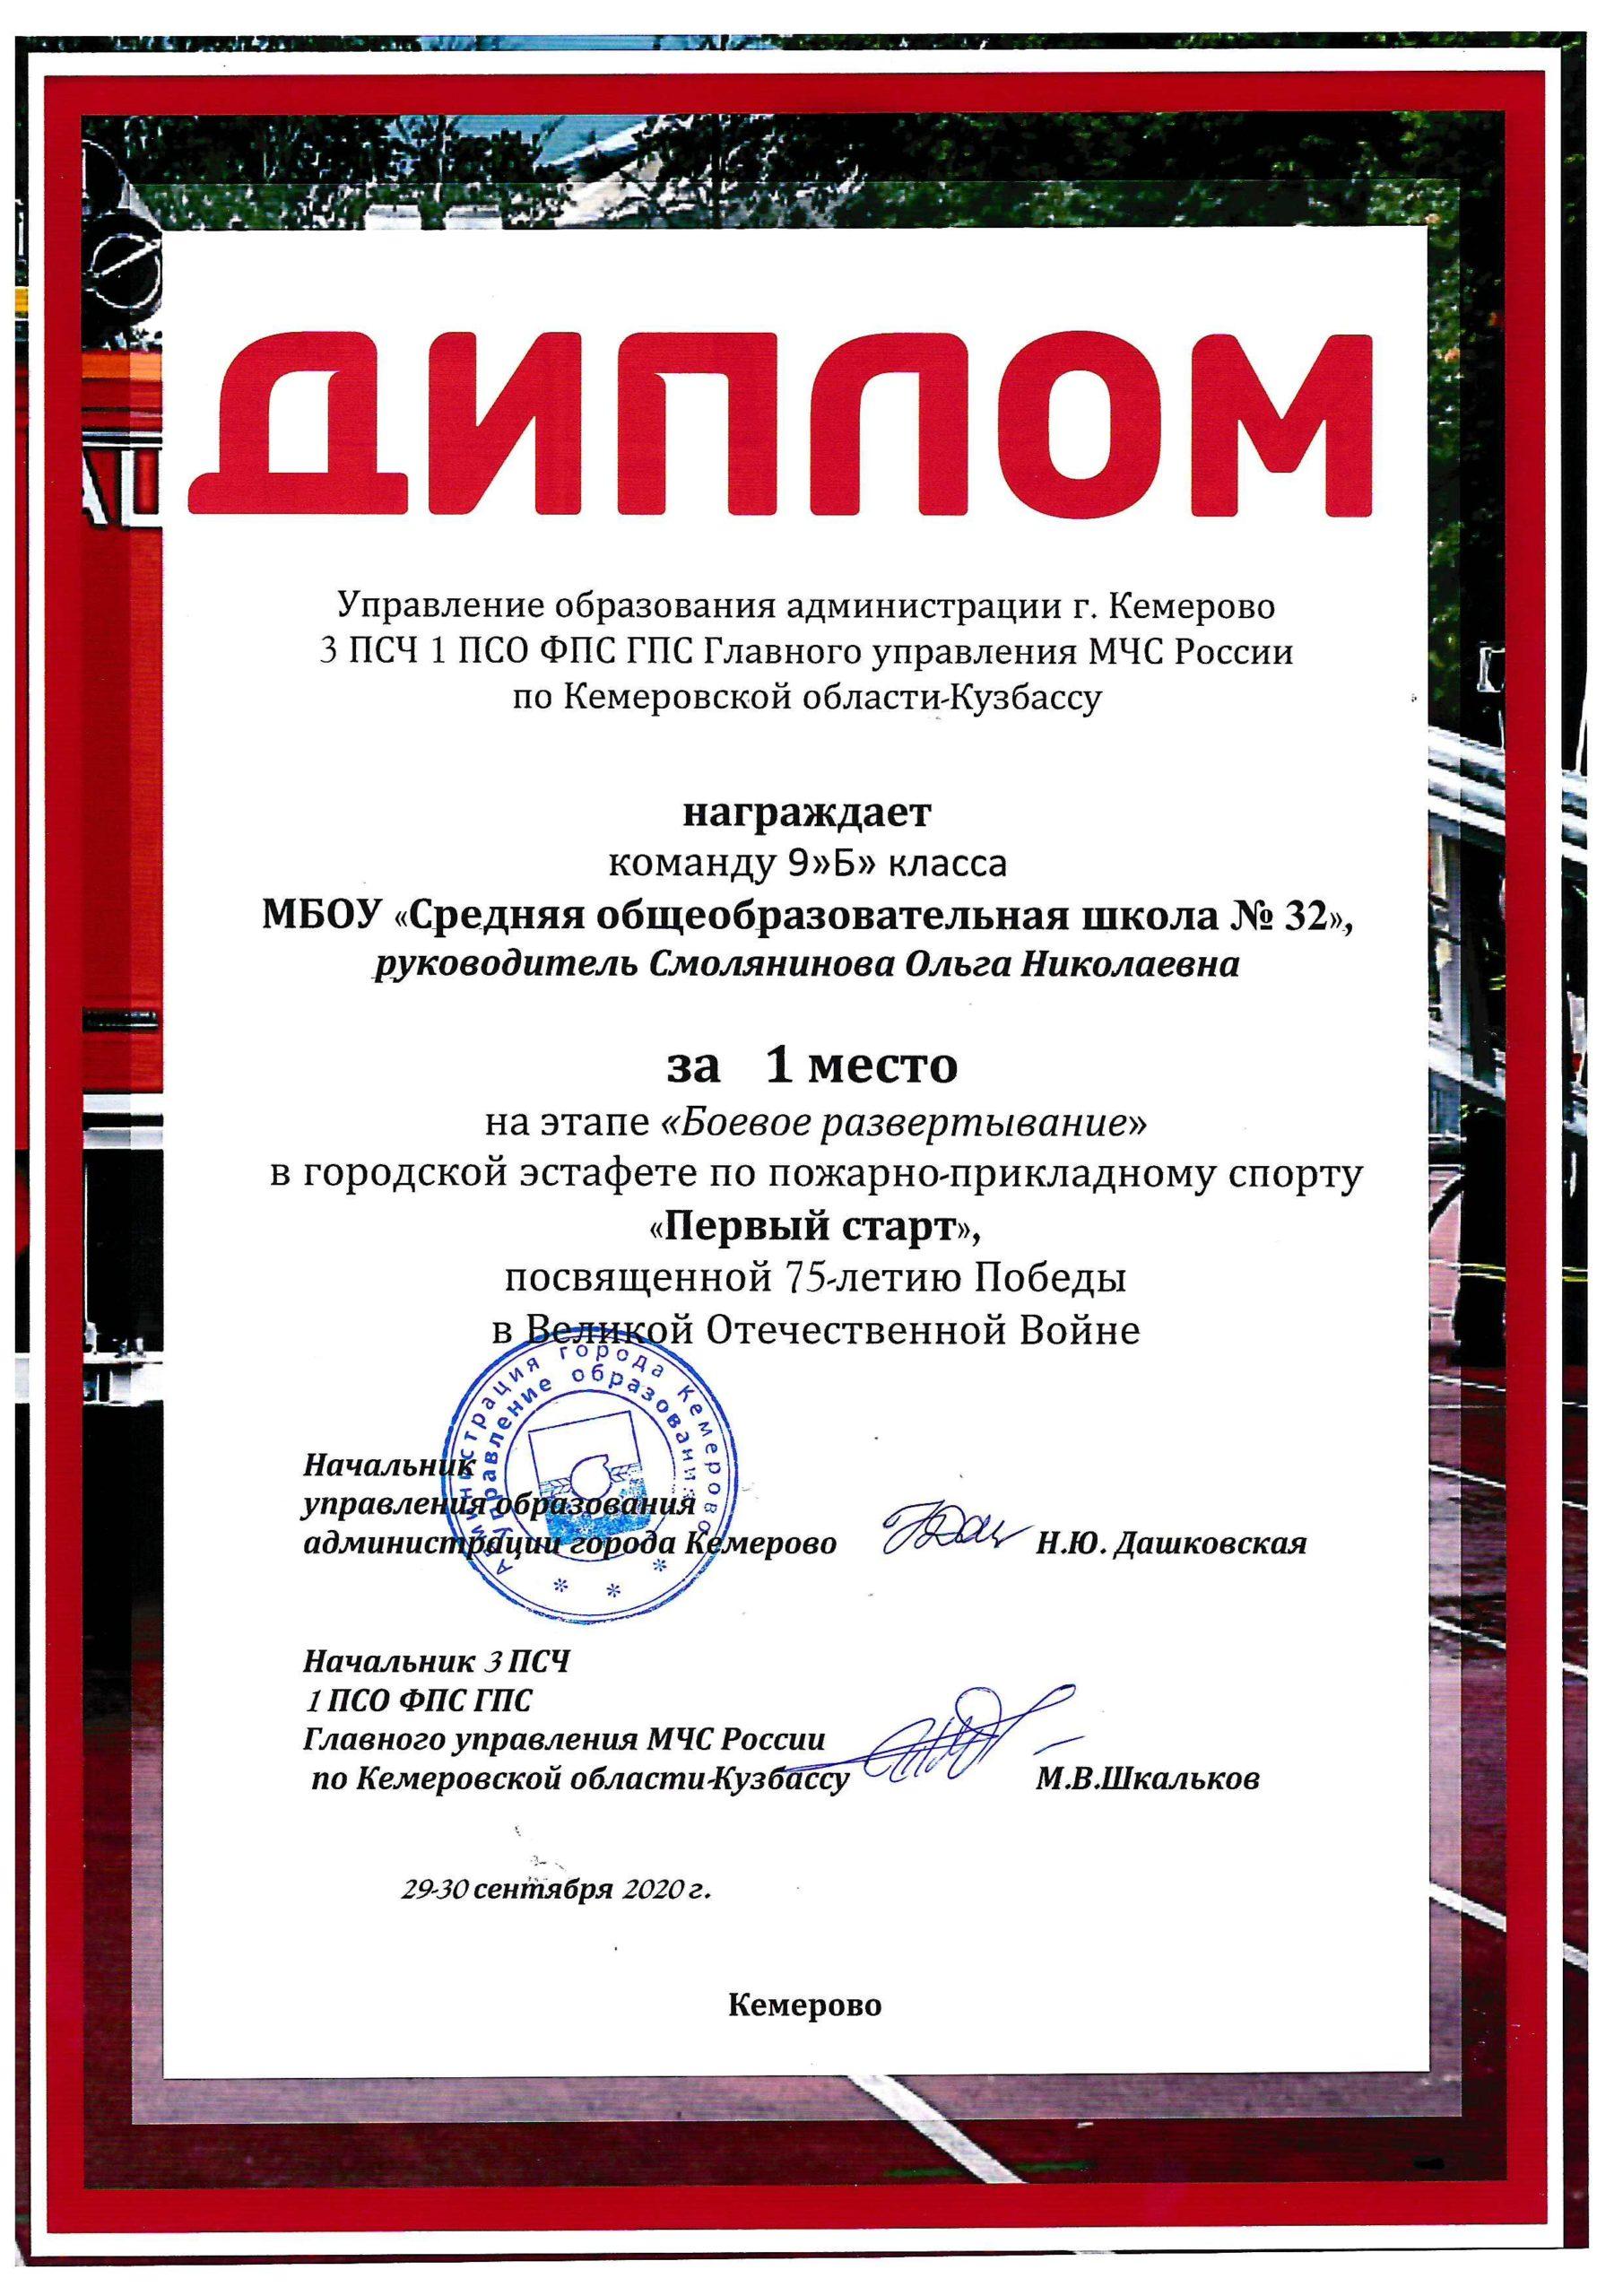 Дипломы ППС — 0016